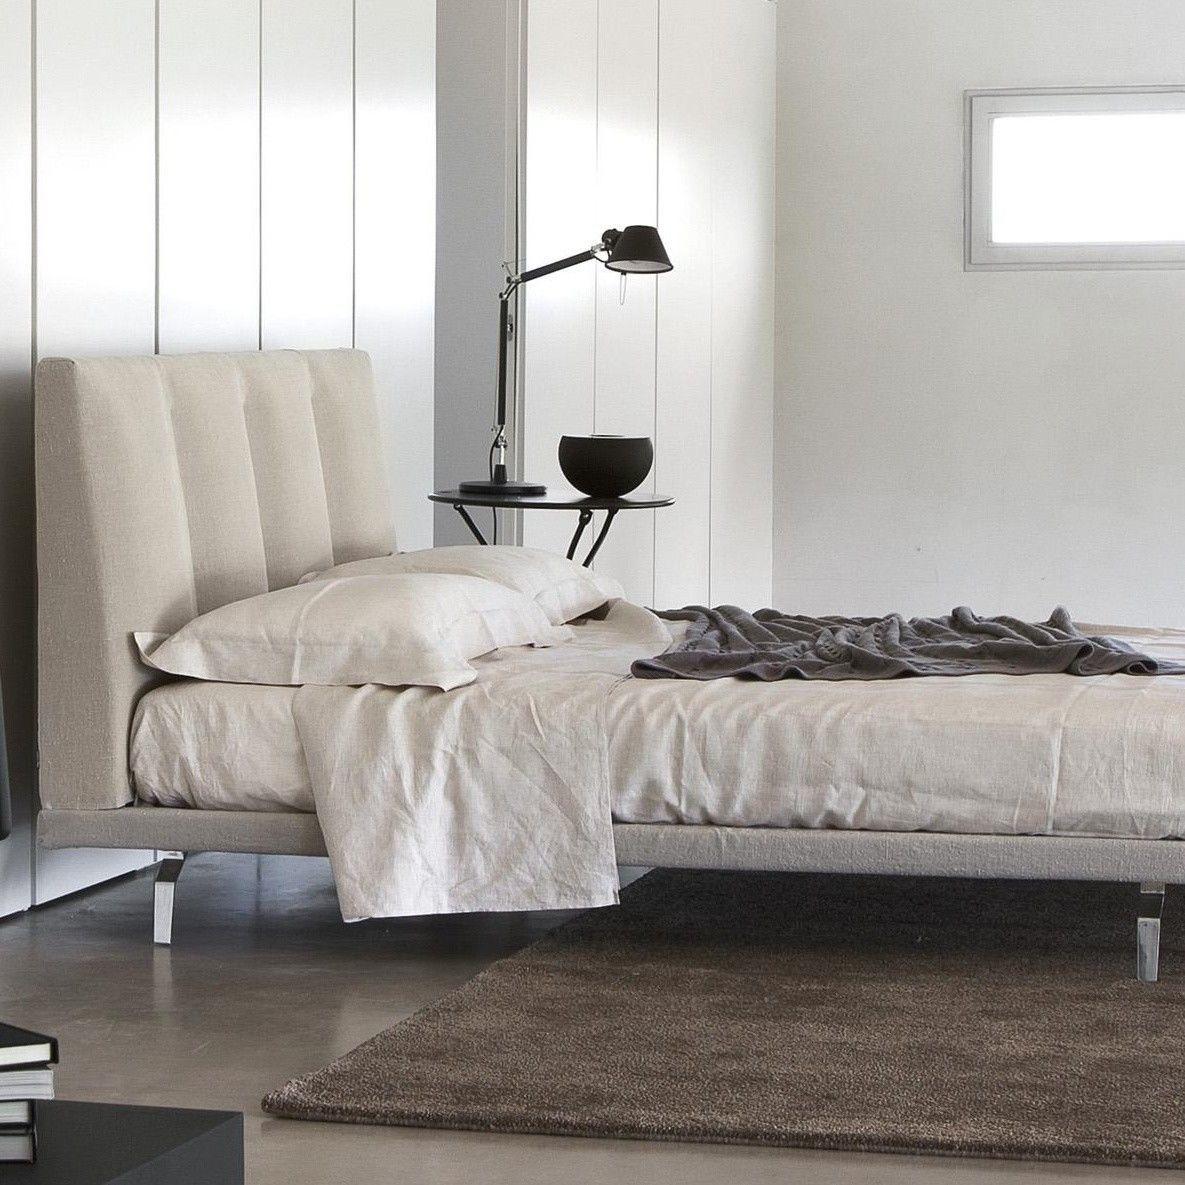 tolomeo tavolo schreibtischleuchte artemide. Black Bedroom Furniture Sets. Home Design Ideas